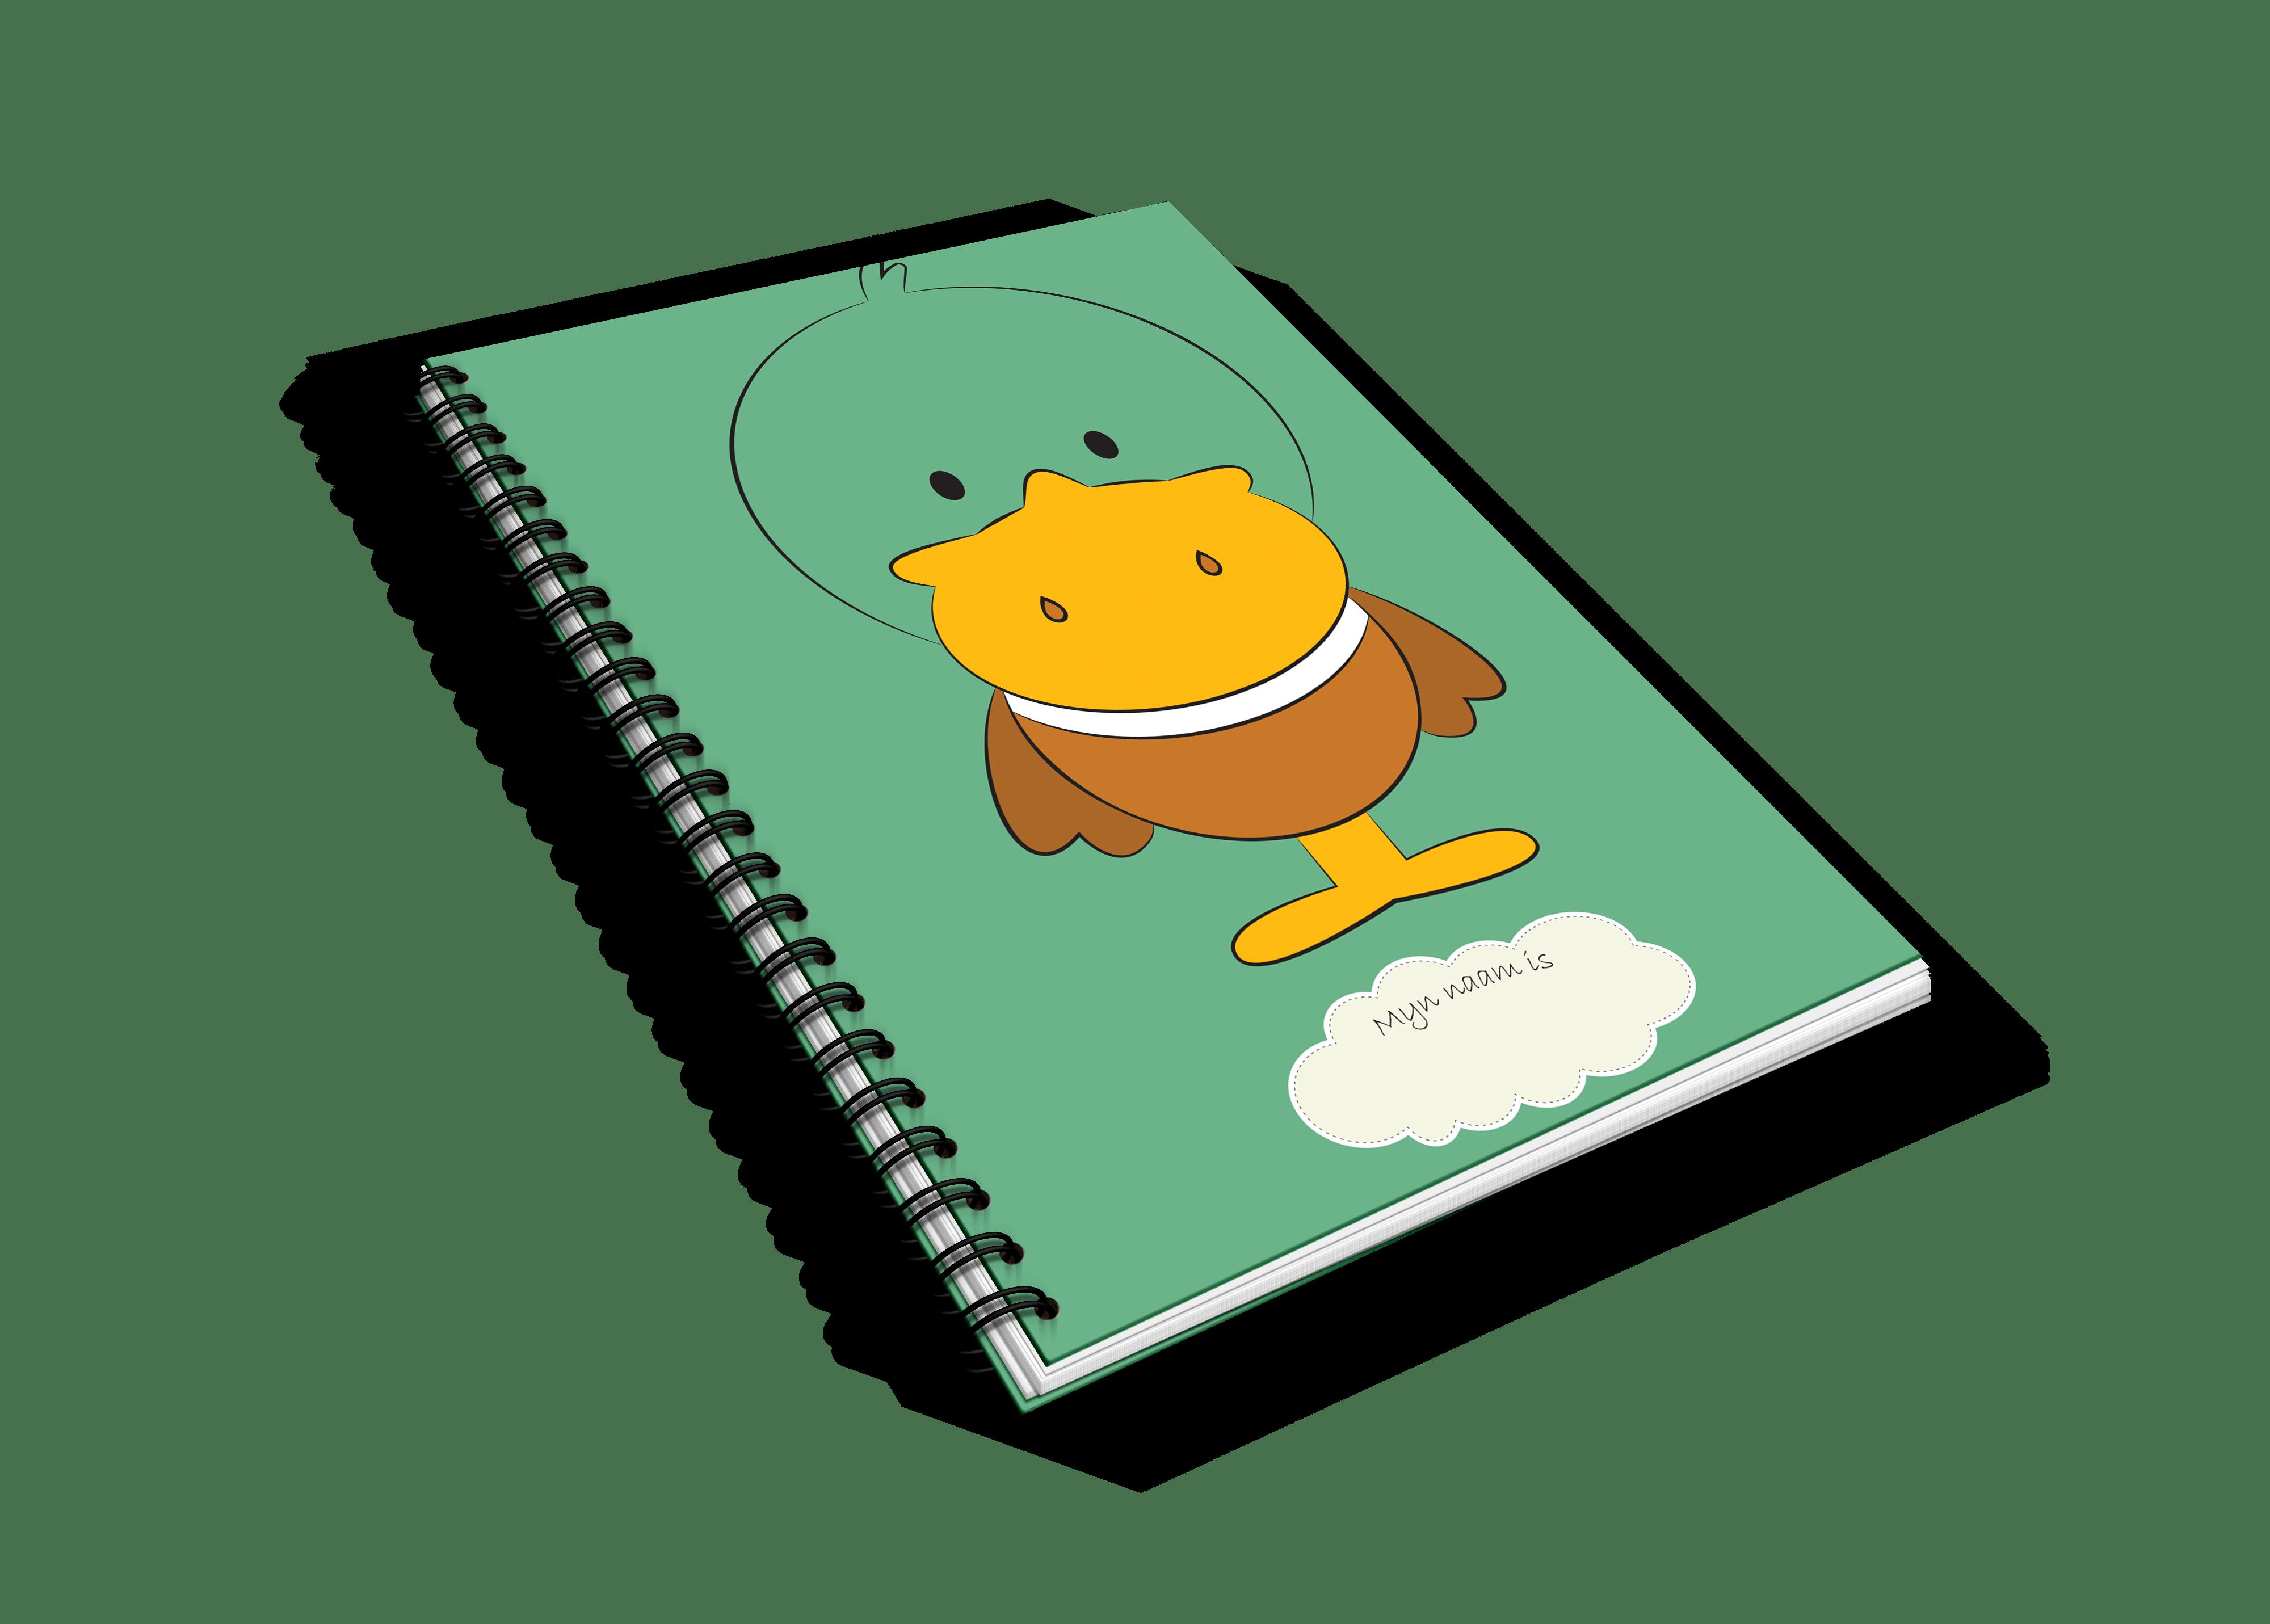 Kinderopvang dagboek eend